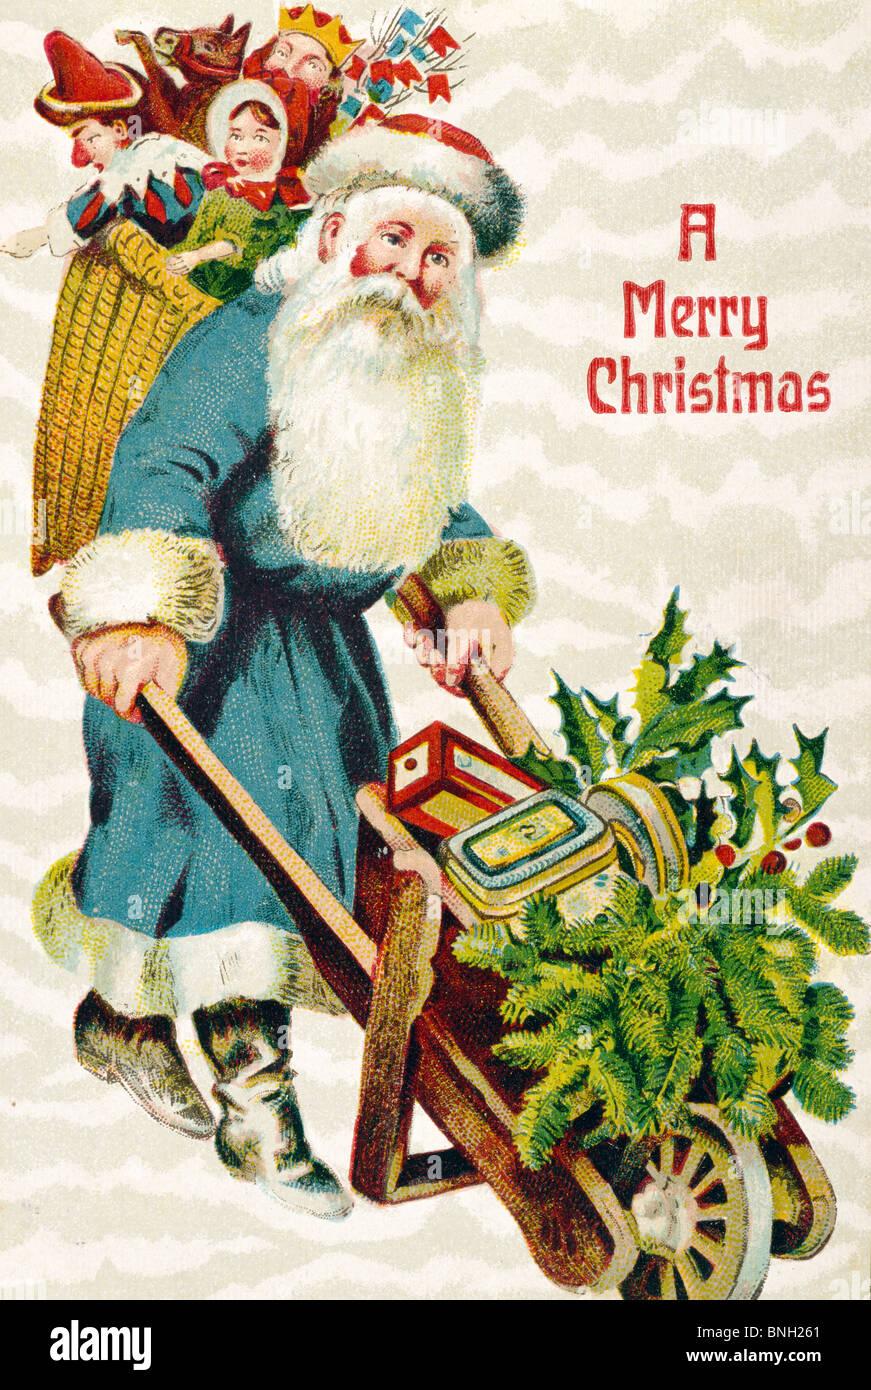 Bilder Weihnachten Nostalgisch.Frohe Weihnachten Nostalgie Karten 1900 Stockfoto Bild 30493065